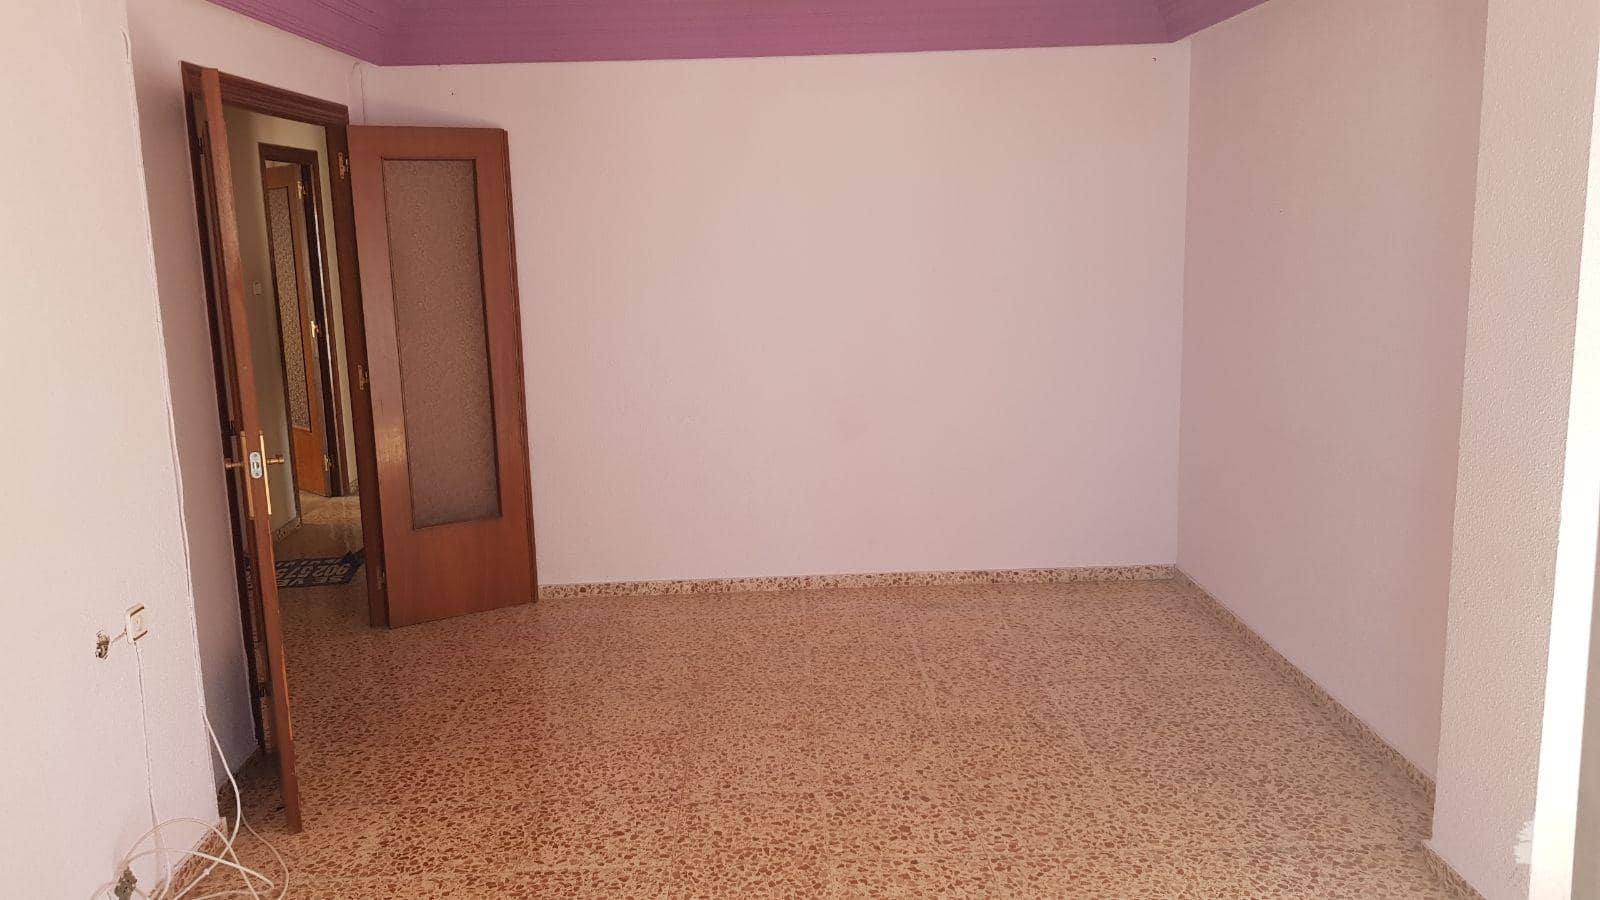 Piso en venta en El Realengo, Crevillent, Alicante, Calle Santa Llucia, 43.200 €, 5 habitaciones, 2 baños, 103 m2